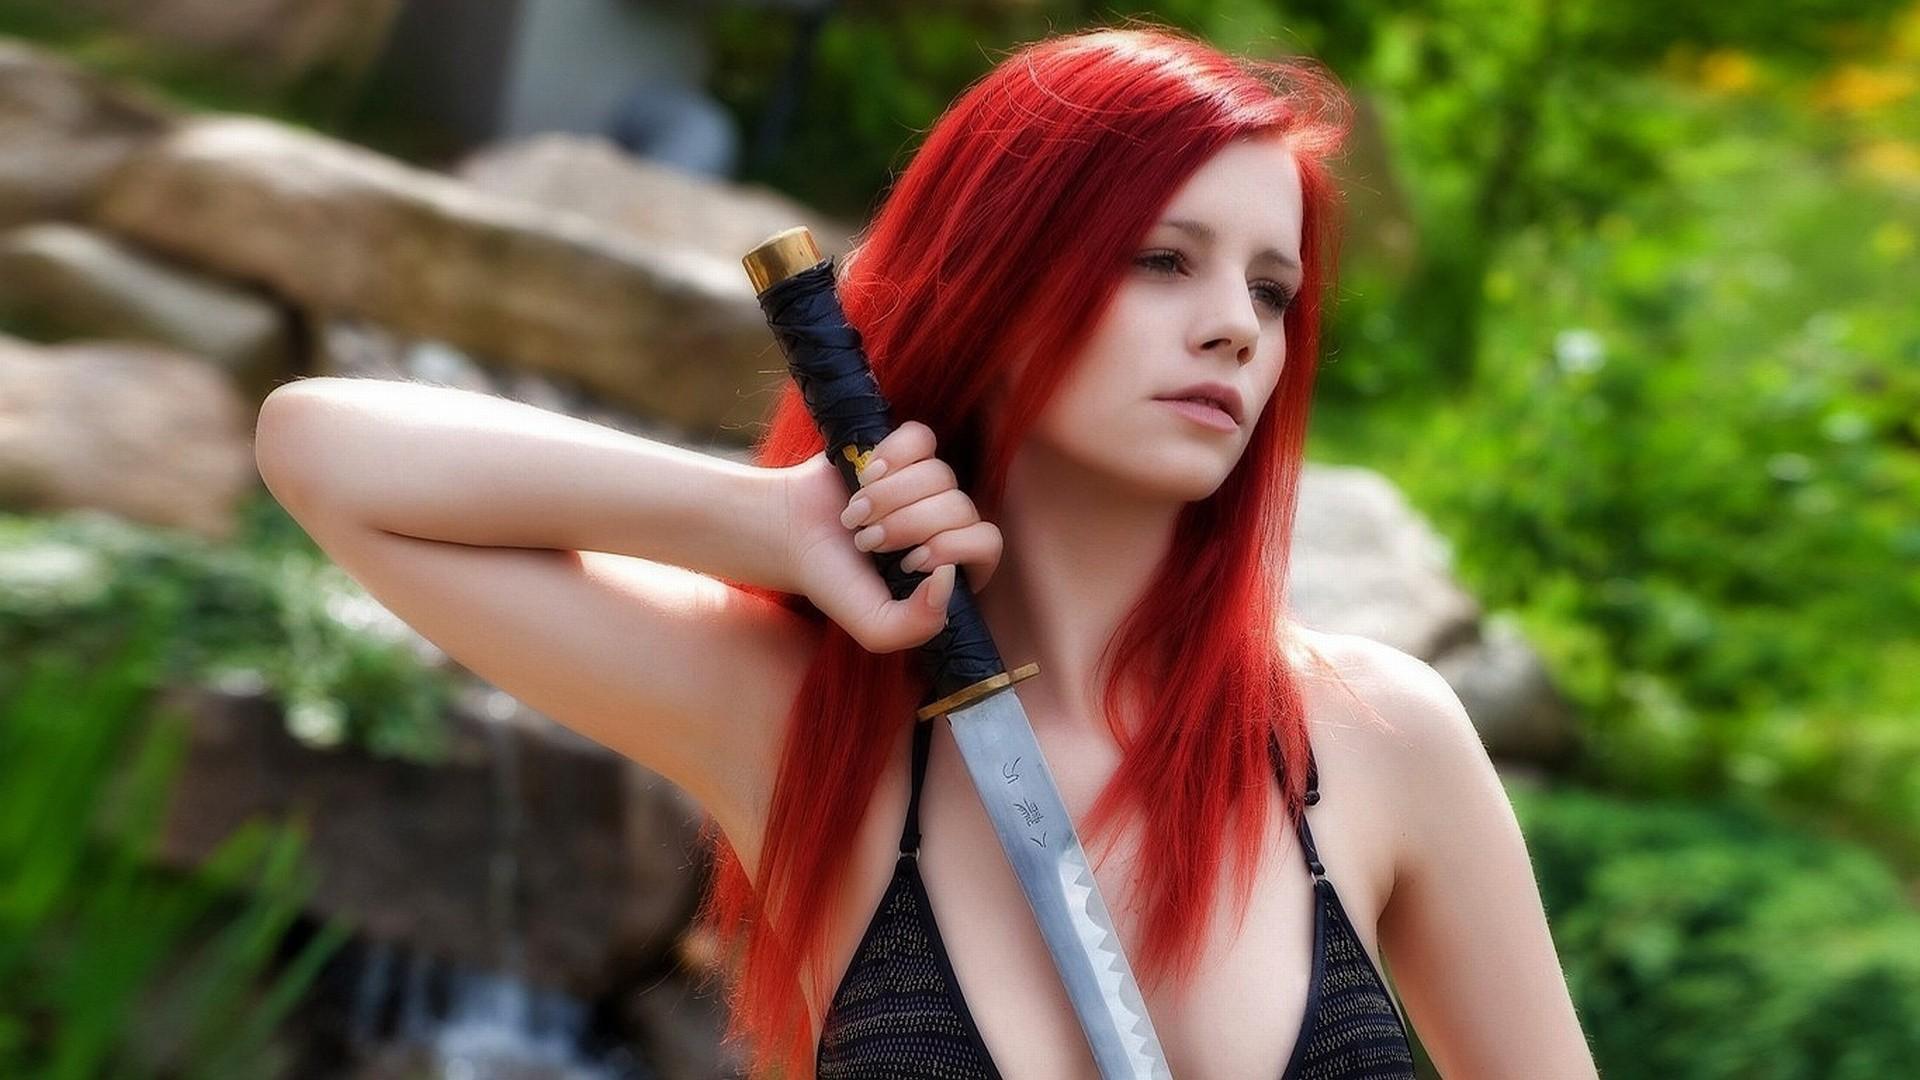 Your redhead ariel pornstar inquiry answer